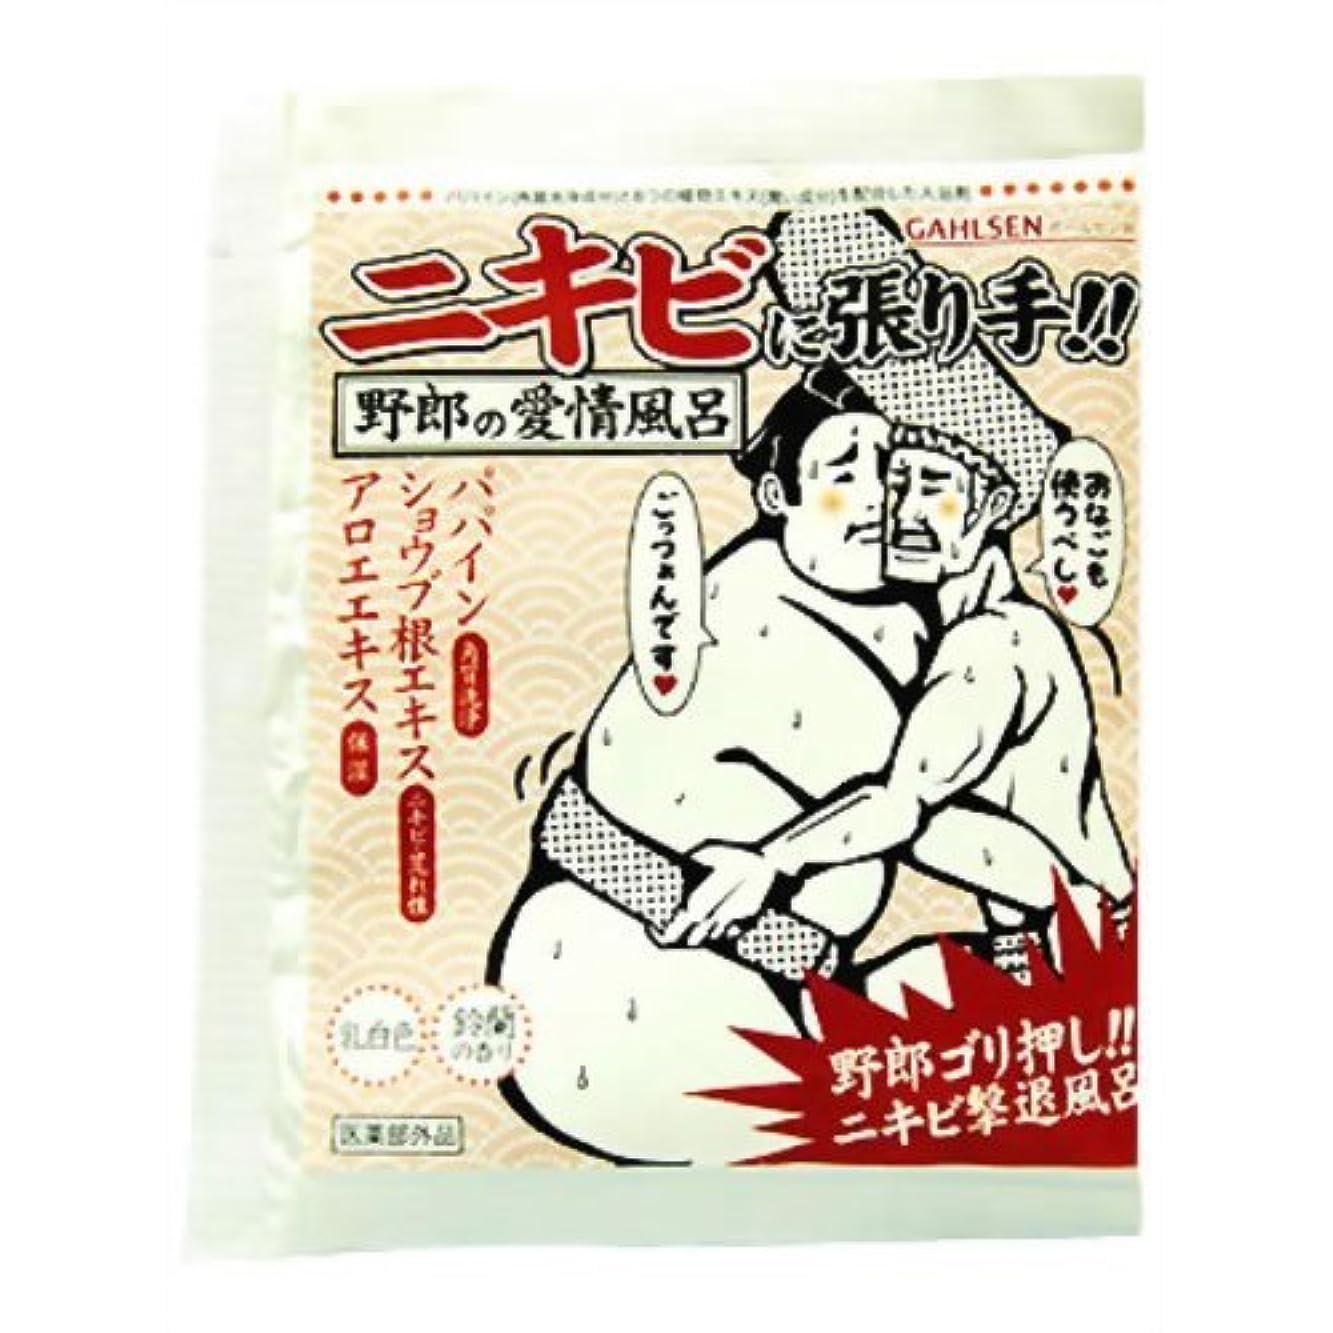 無効にする三十短くするガールセンW 25g*10袋(入浴剤)